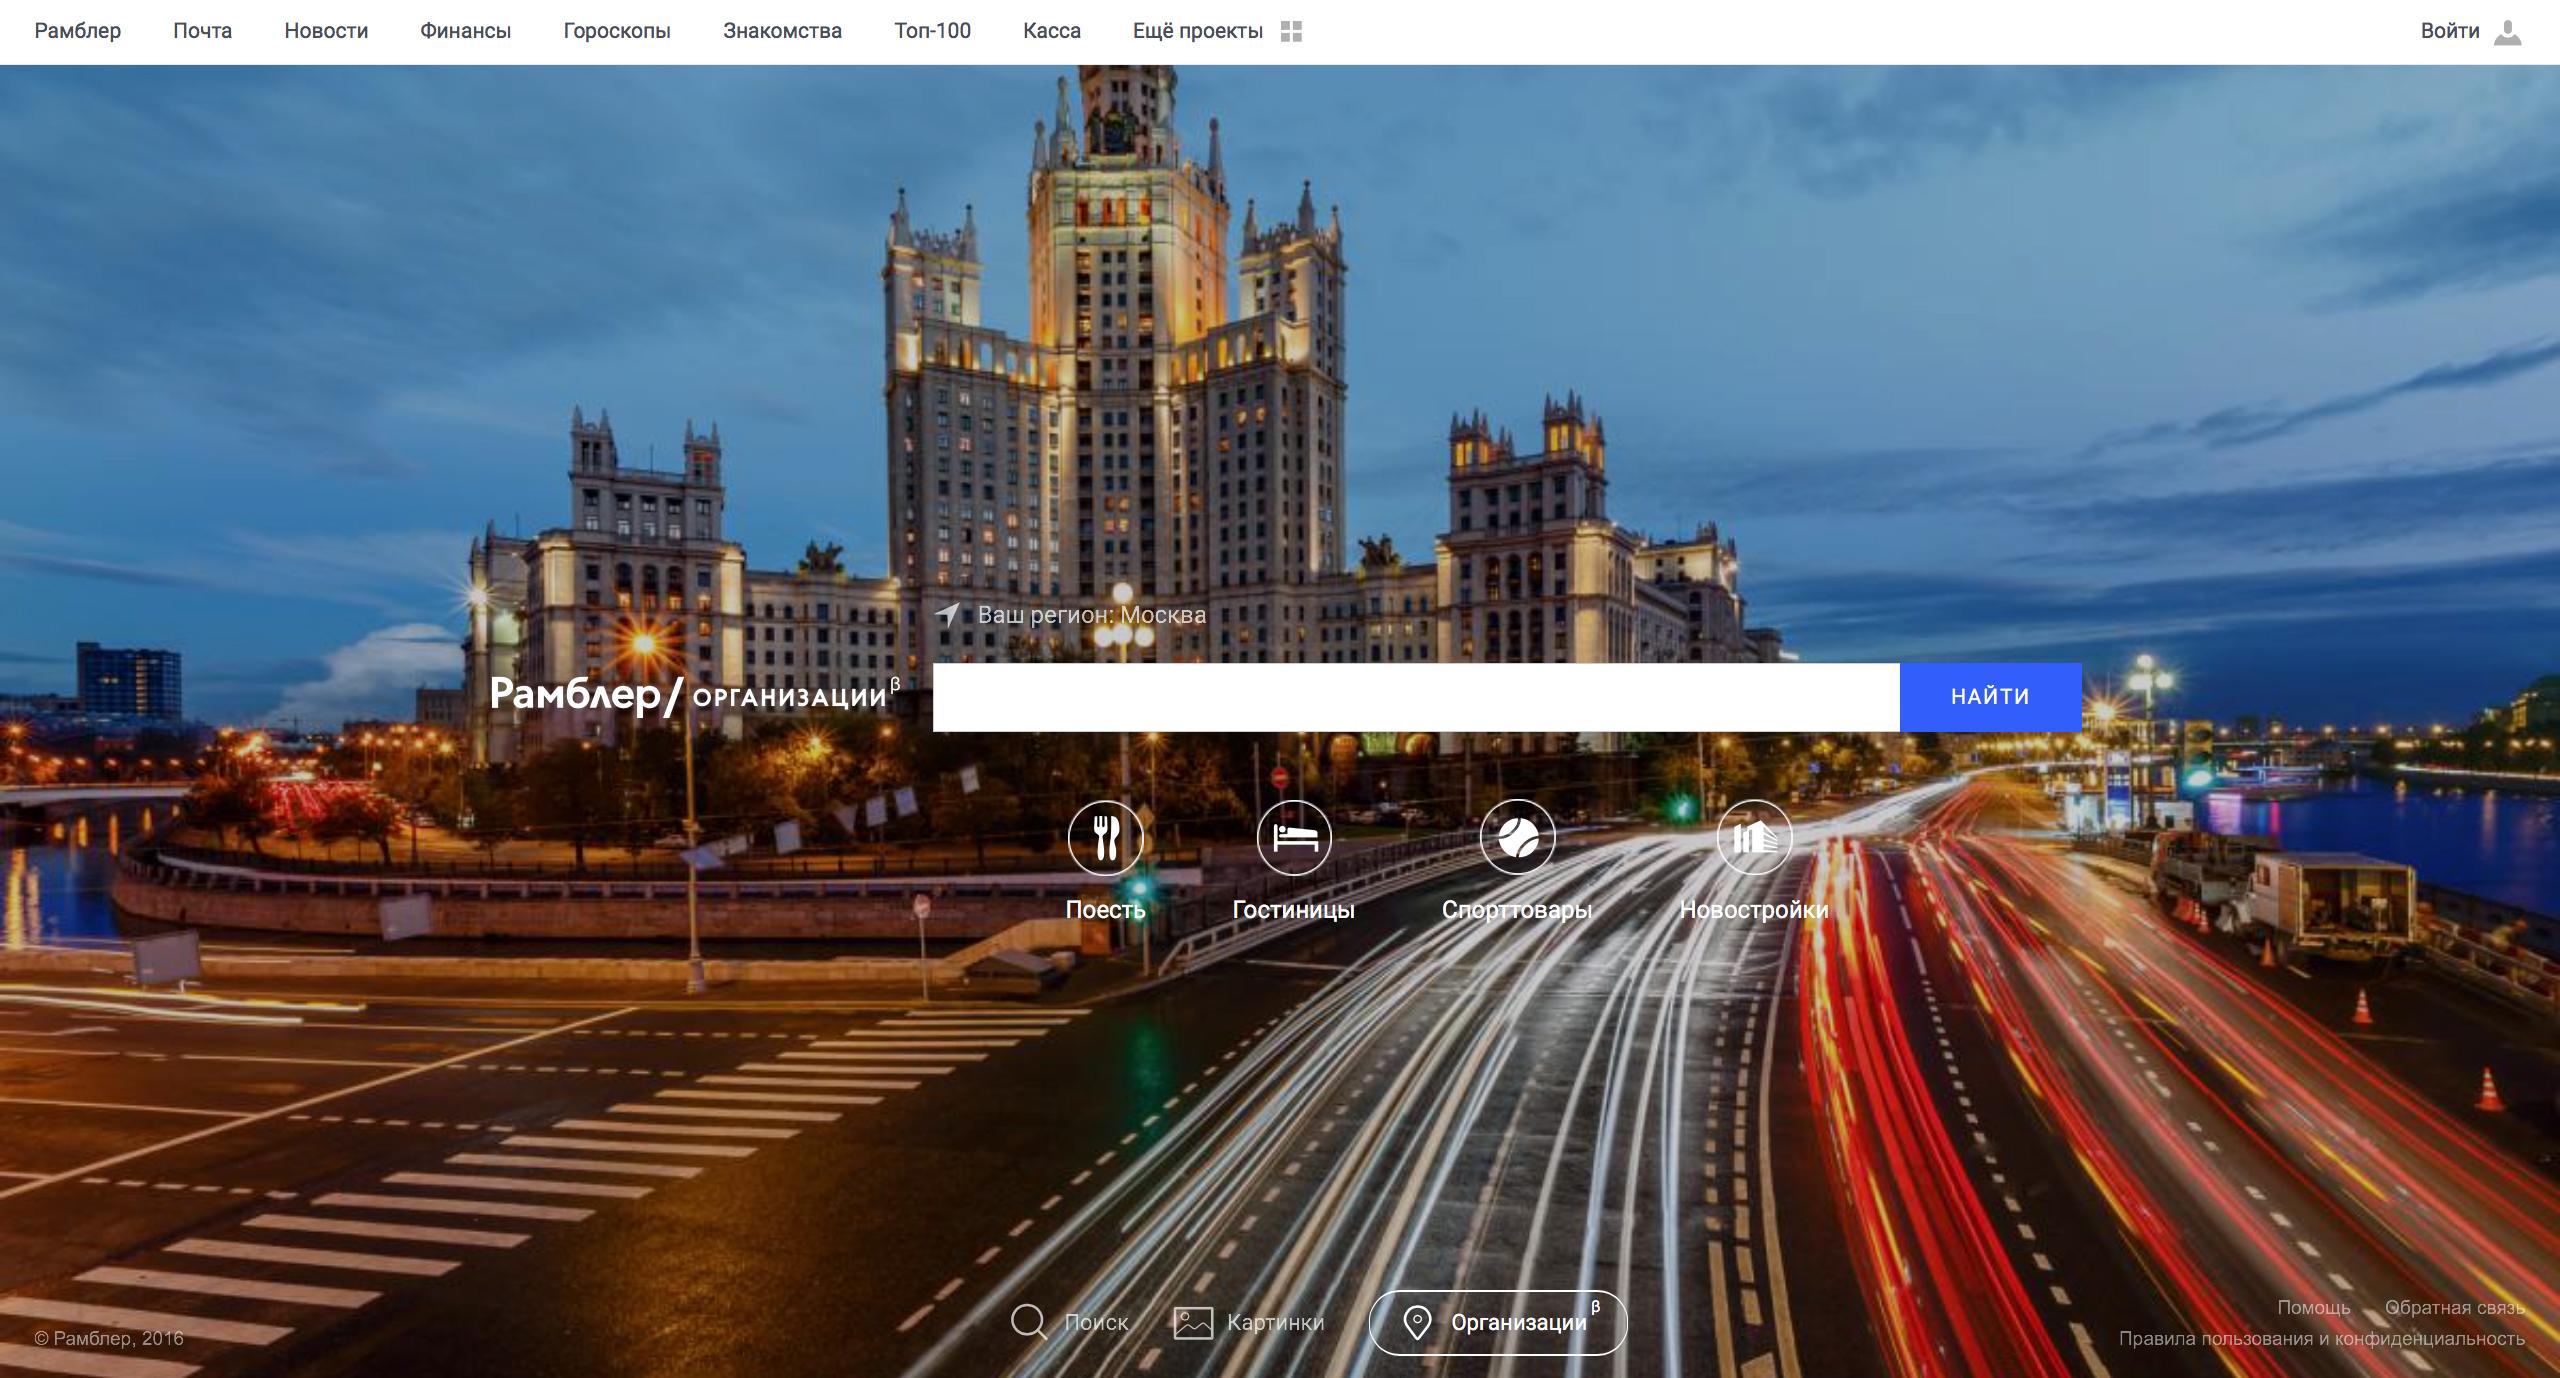 Рамблер запустил поиск организаций по России на основе базы 2ГИС